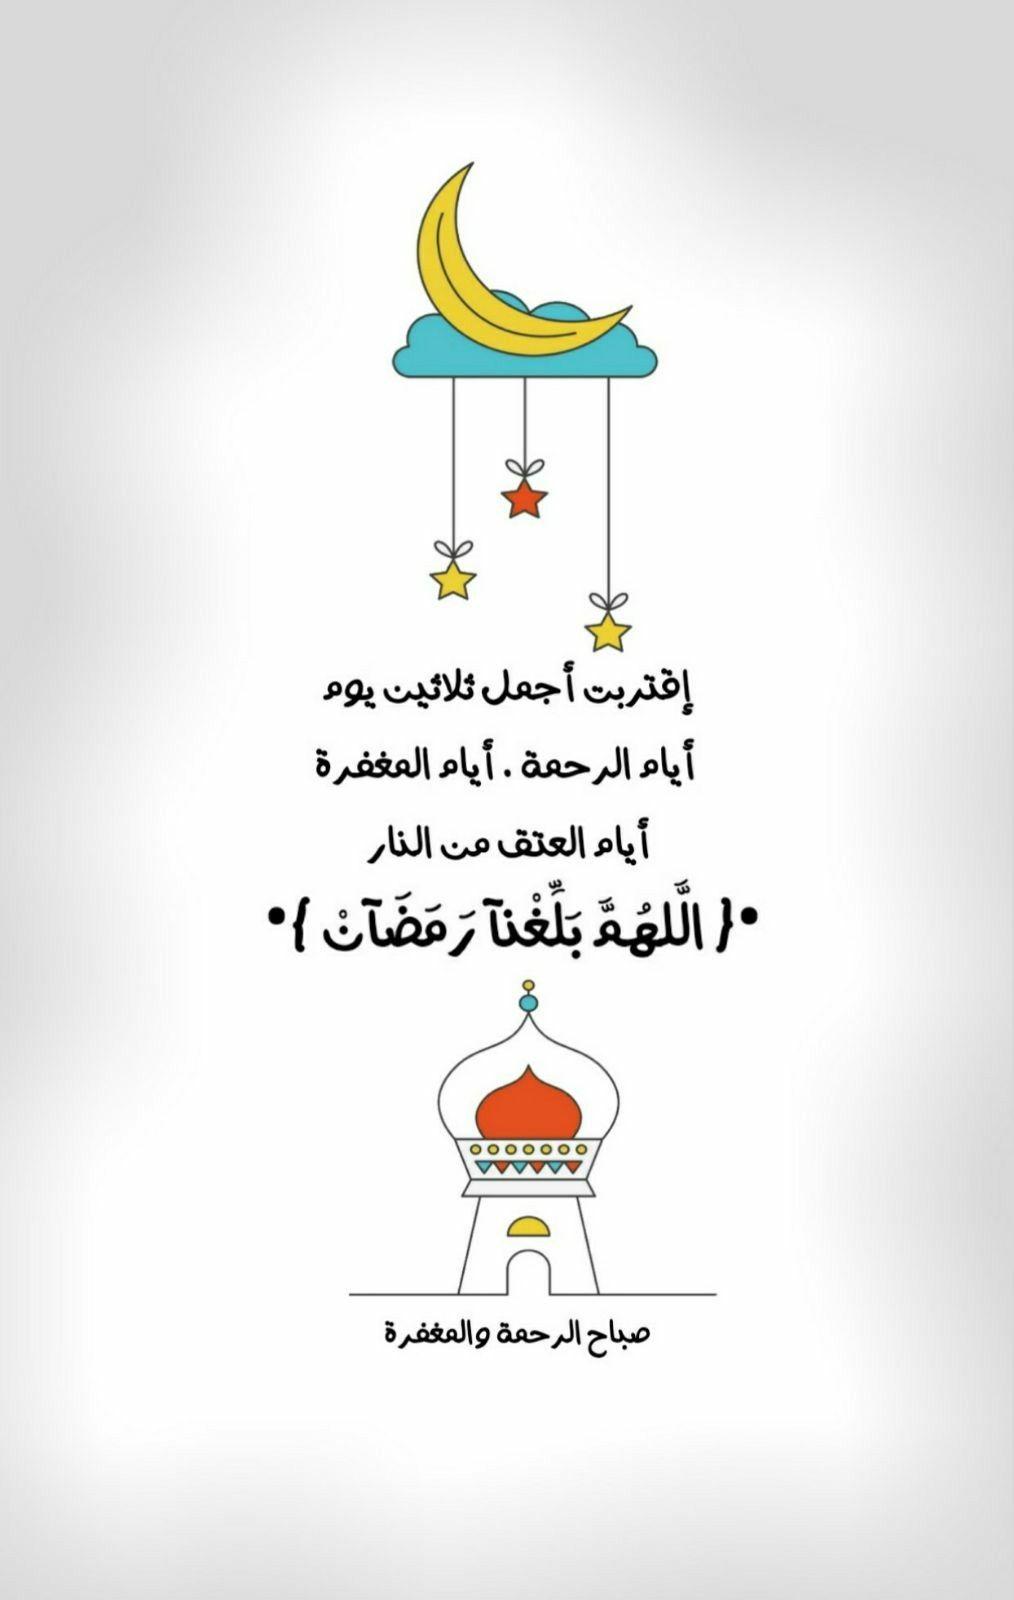 إقتربت أجمل ثلاثين يوم أيام الرحمة أيام المغفرة أيام العتق من النار ال له م Ramadan Quotes Ramadan Messages Ramadan Day